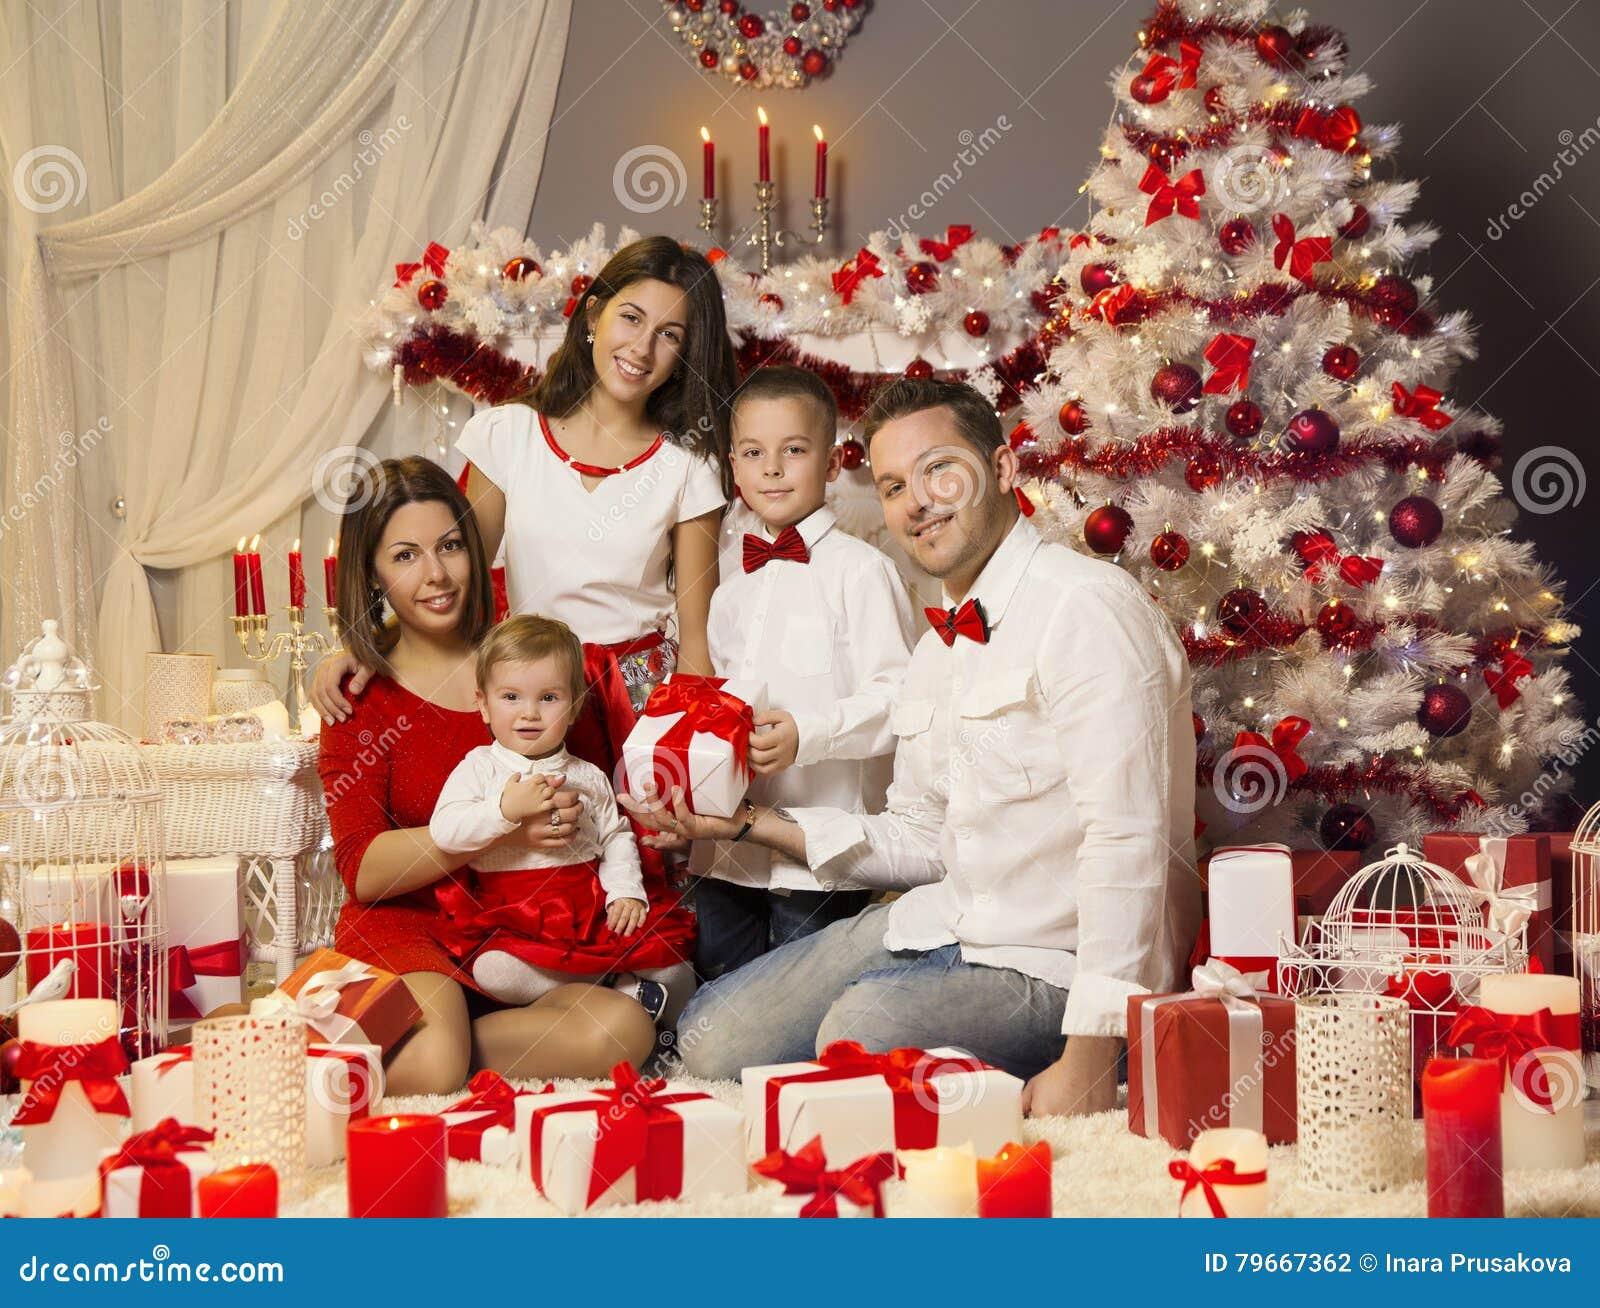 Foto Di Natale Famiglia.Ritratto Della Famiglia Di Natale Celebrante Festa Di